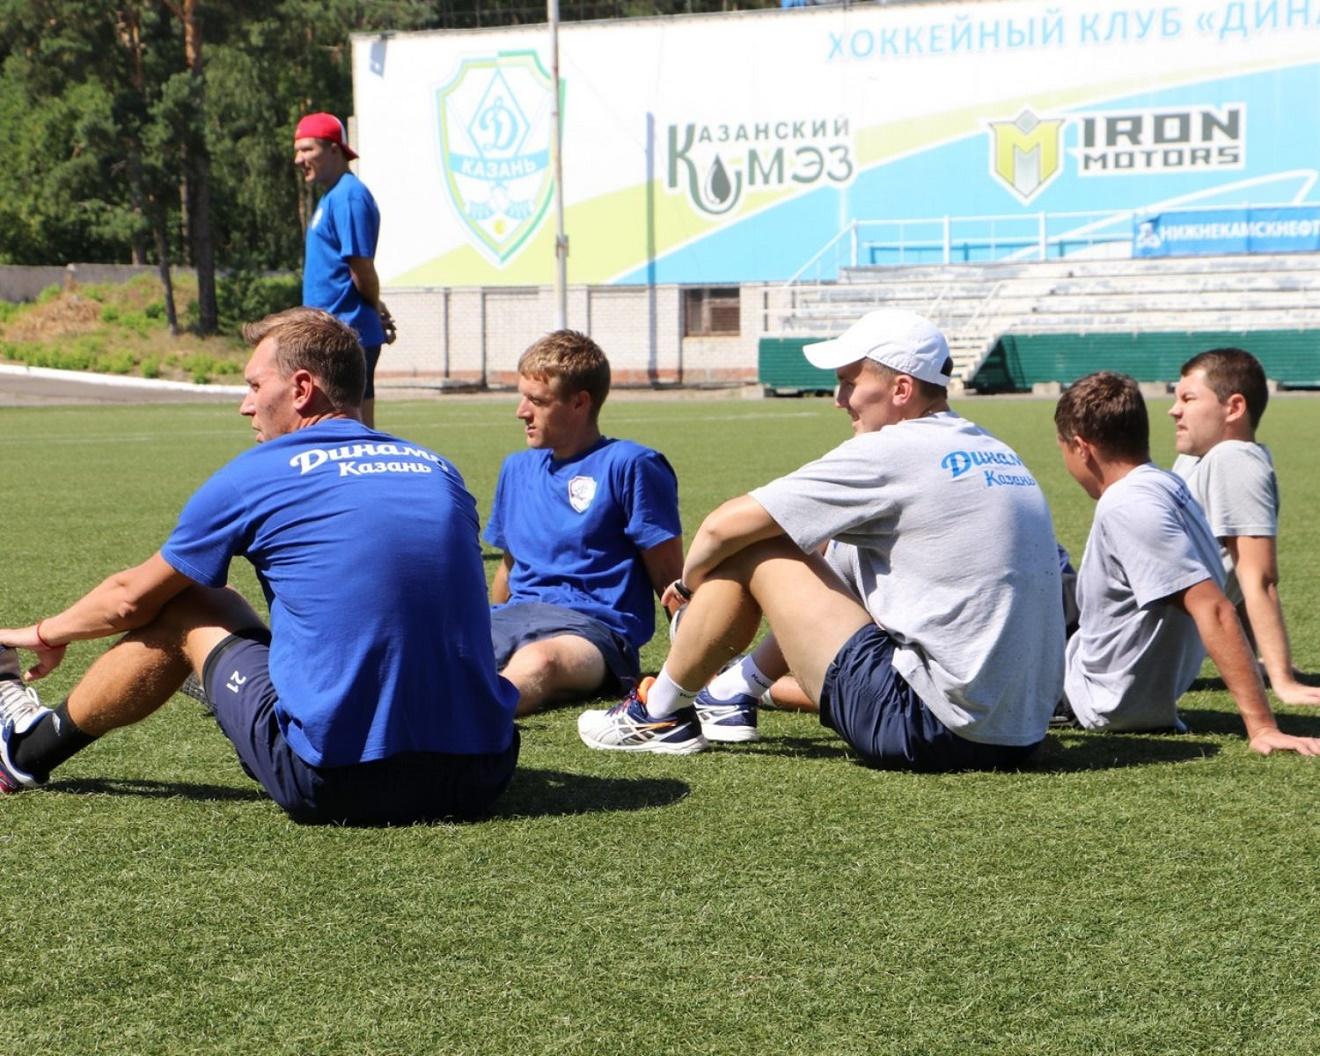 Фото dynamo-kazan.ru.